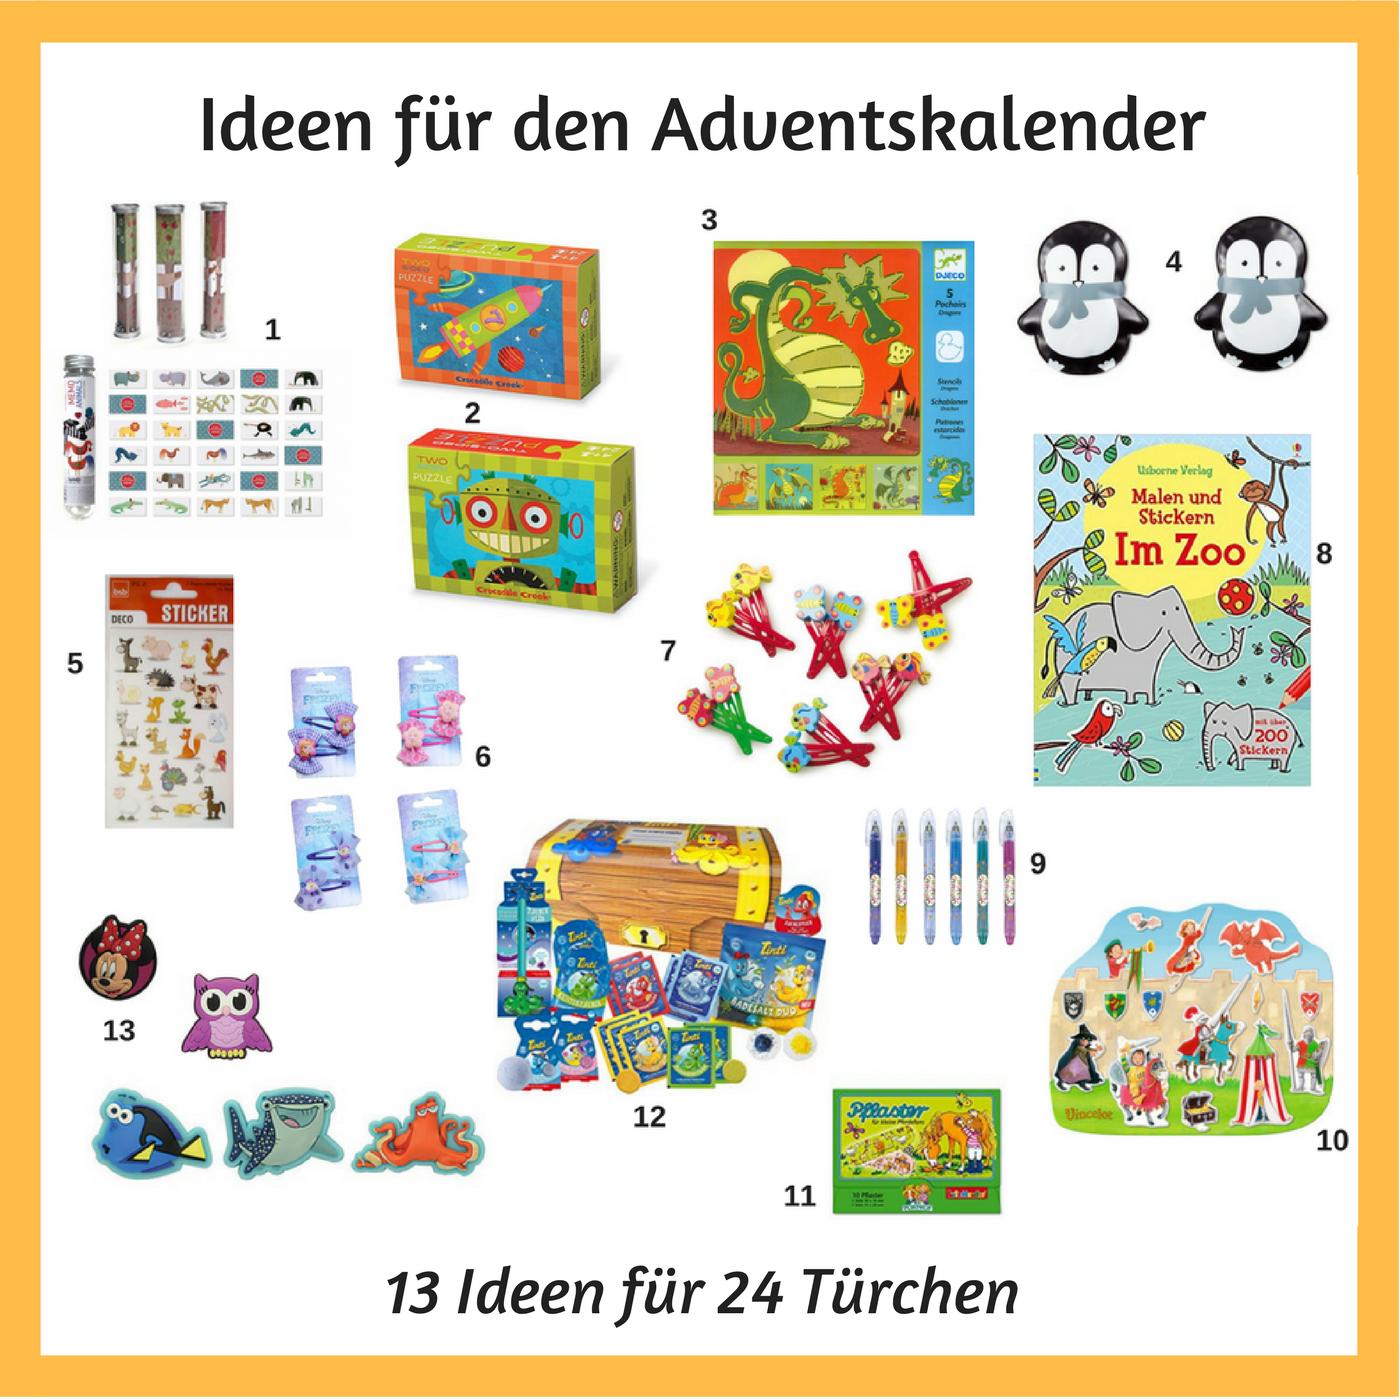 Laterne Adventskalender Und Krankenbett Freitagslieblinge 14 Adventkalender Adventskalender Adventskalender Kinder